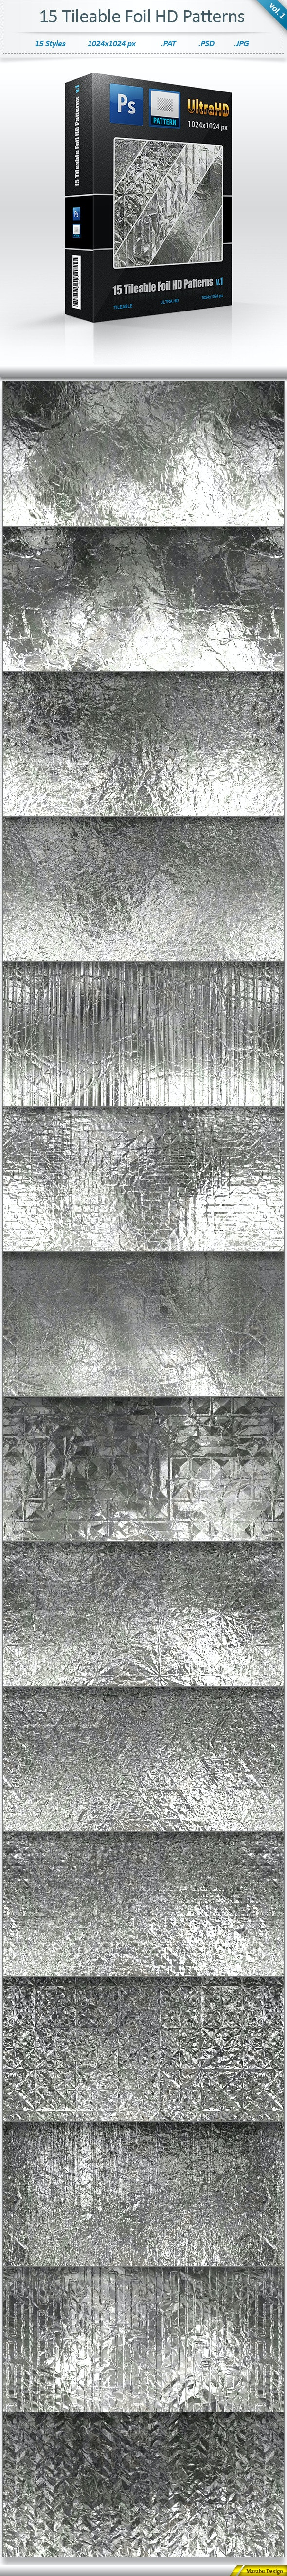 Foil Tileable Pattern Backgrounds (vol 1) - Textures / Fills / Patterns Photoshop